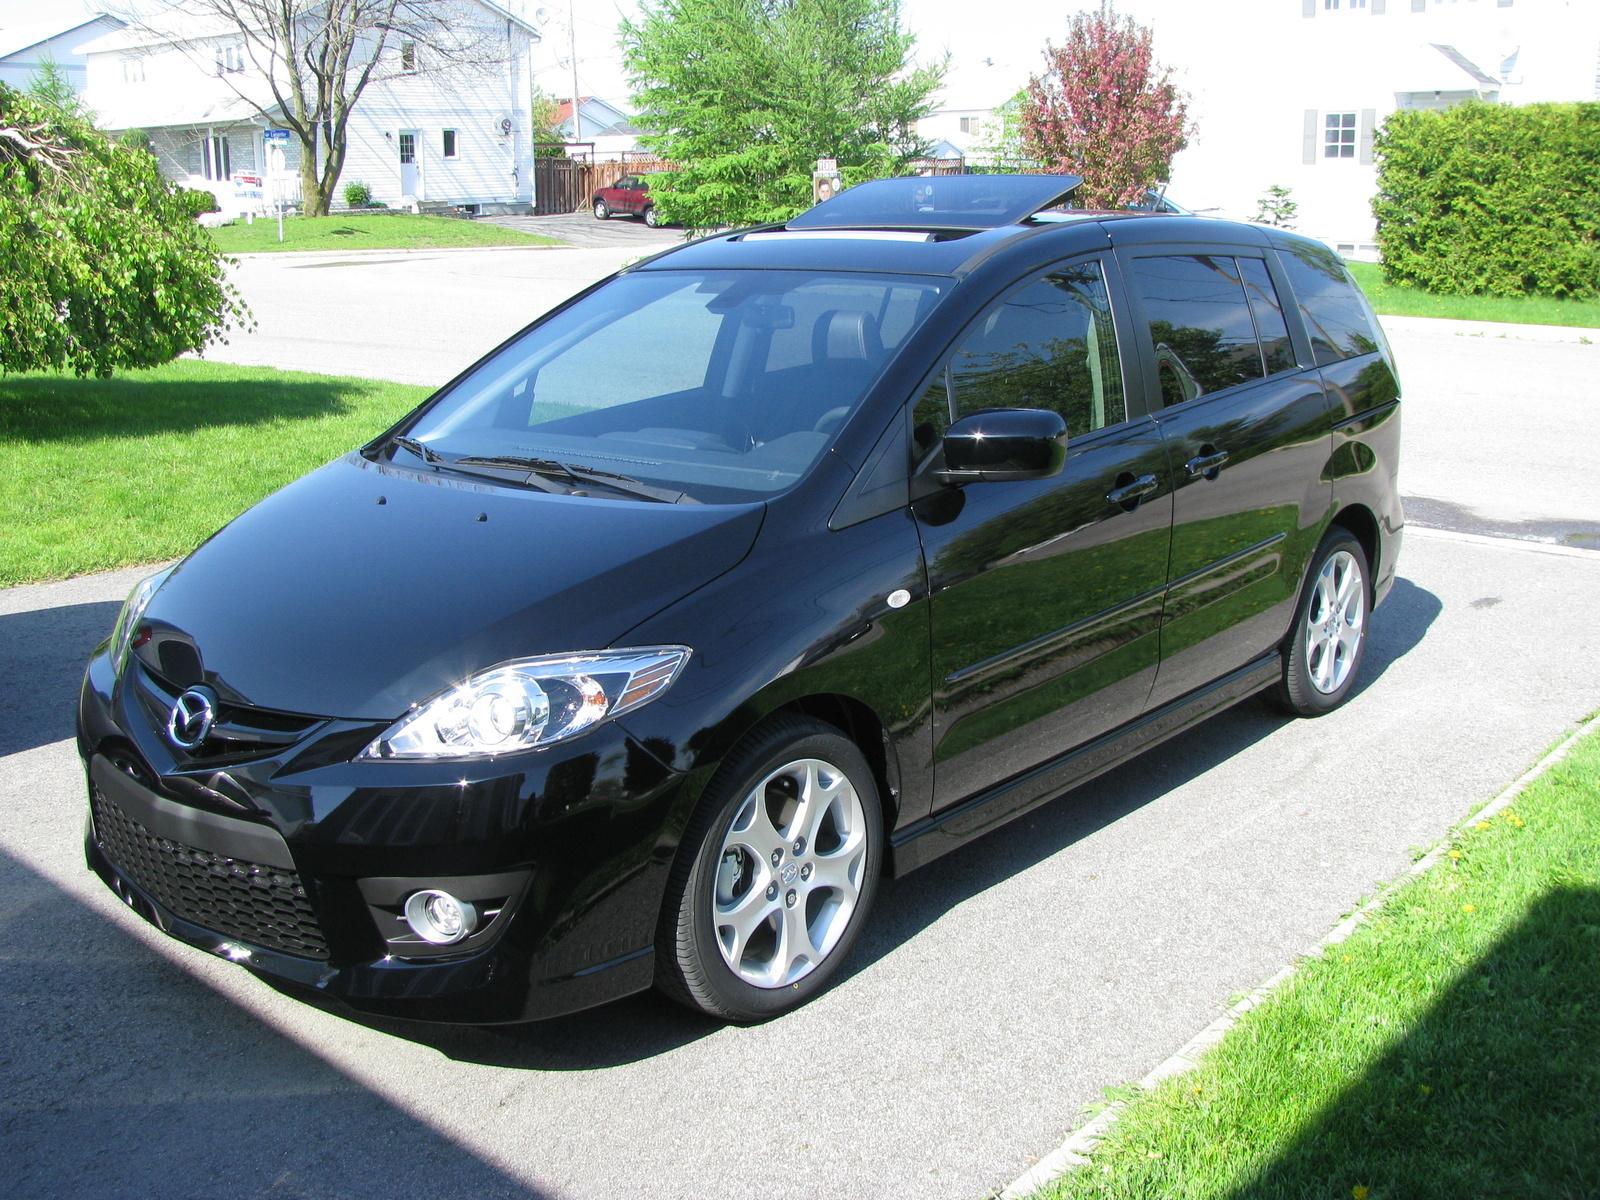 2009 Mazda Mazda5 Image 11